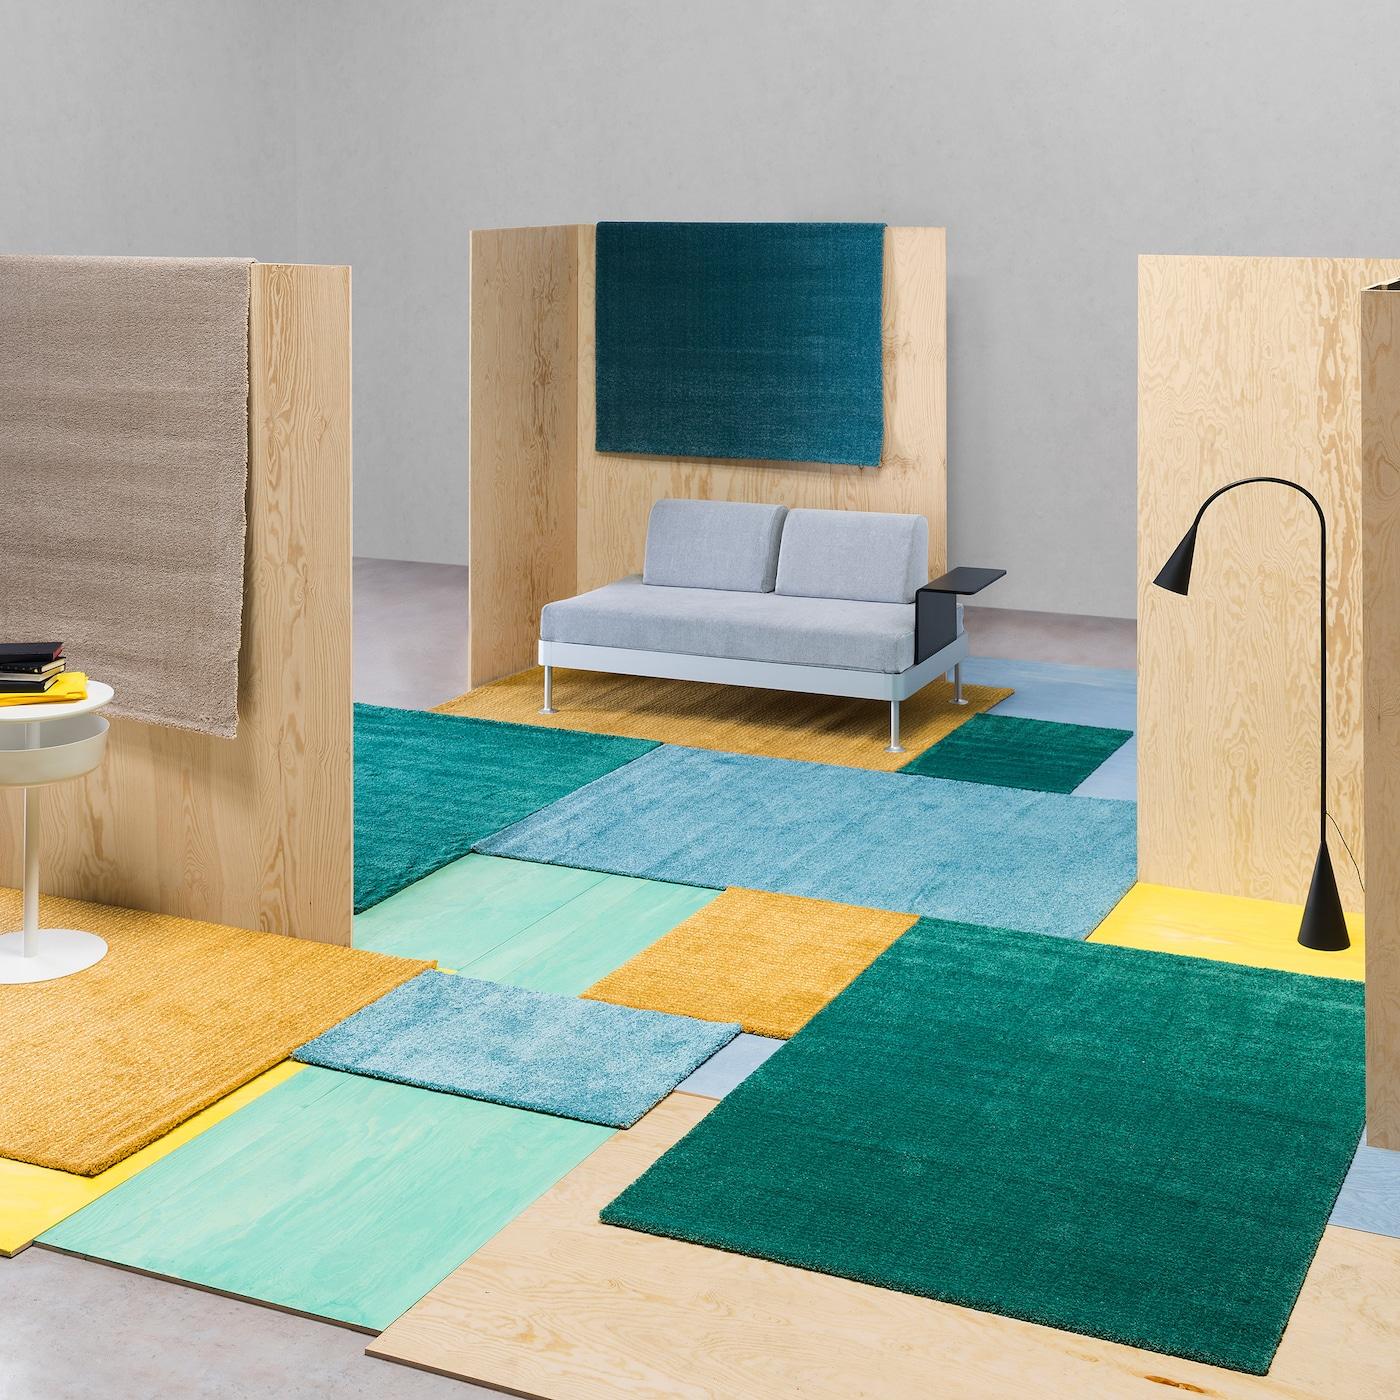 Raum mit Raumtrennern aus Holz, einem Sofa & verschieden farbigen Teppichen in grün, gelb & blau.